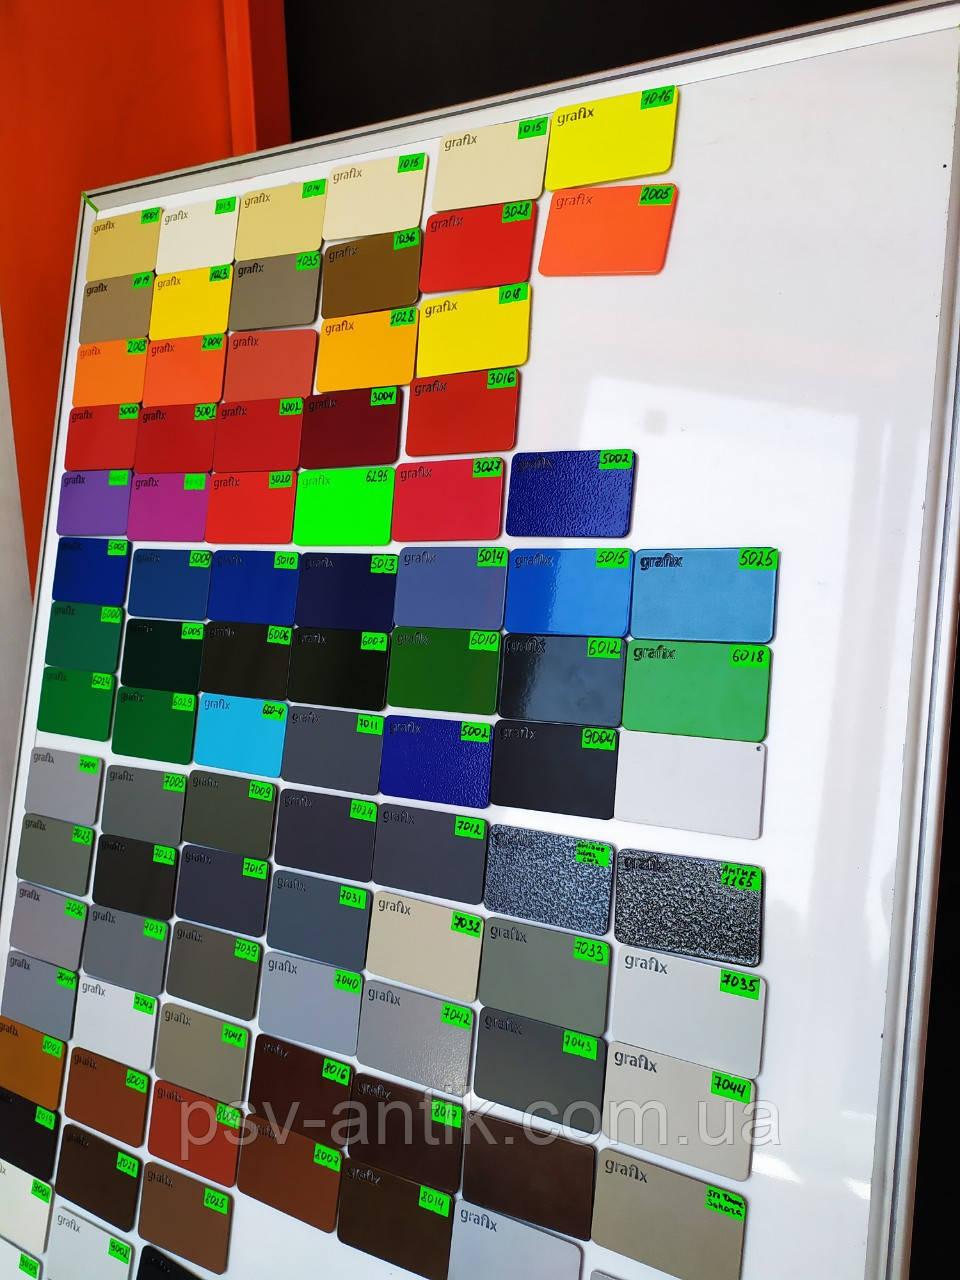 Порошковая краска для сублимации, структурная, полиэфирная, архитектурная, 8501